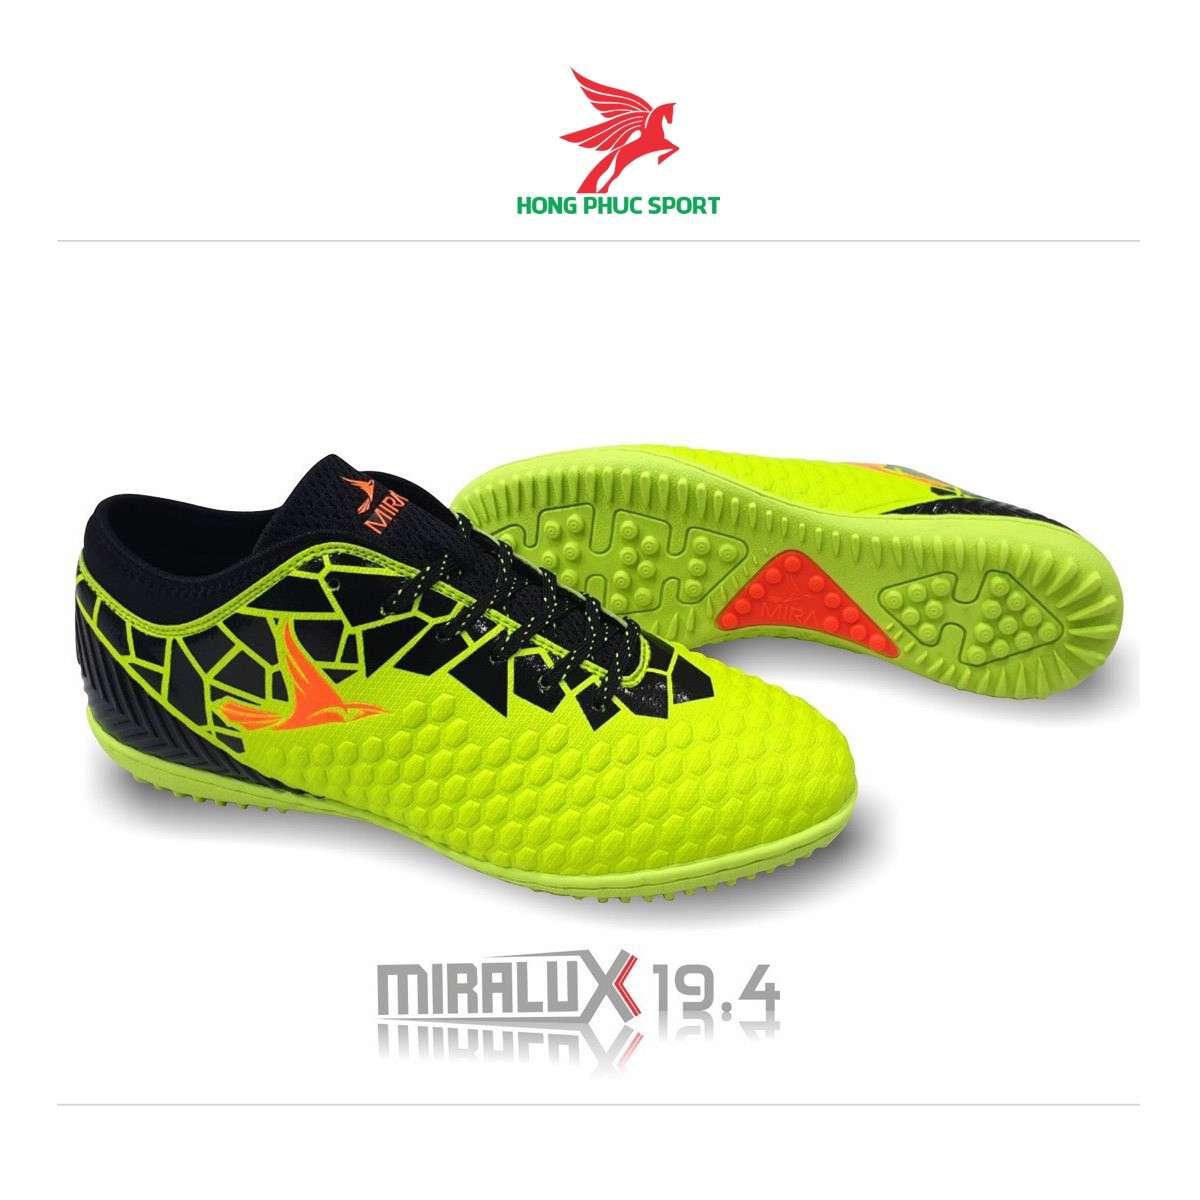 Giày đá banh cổ cao Mira Lux 19.4 xanh chuối sân cỏ nhân tạo